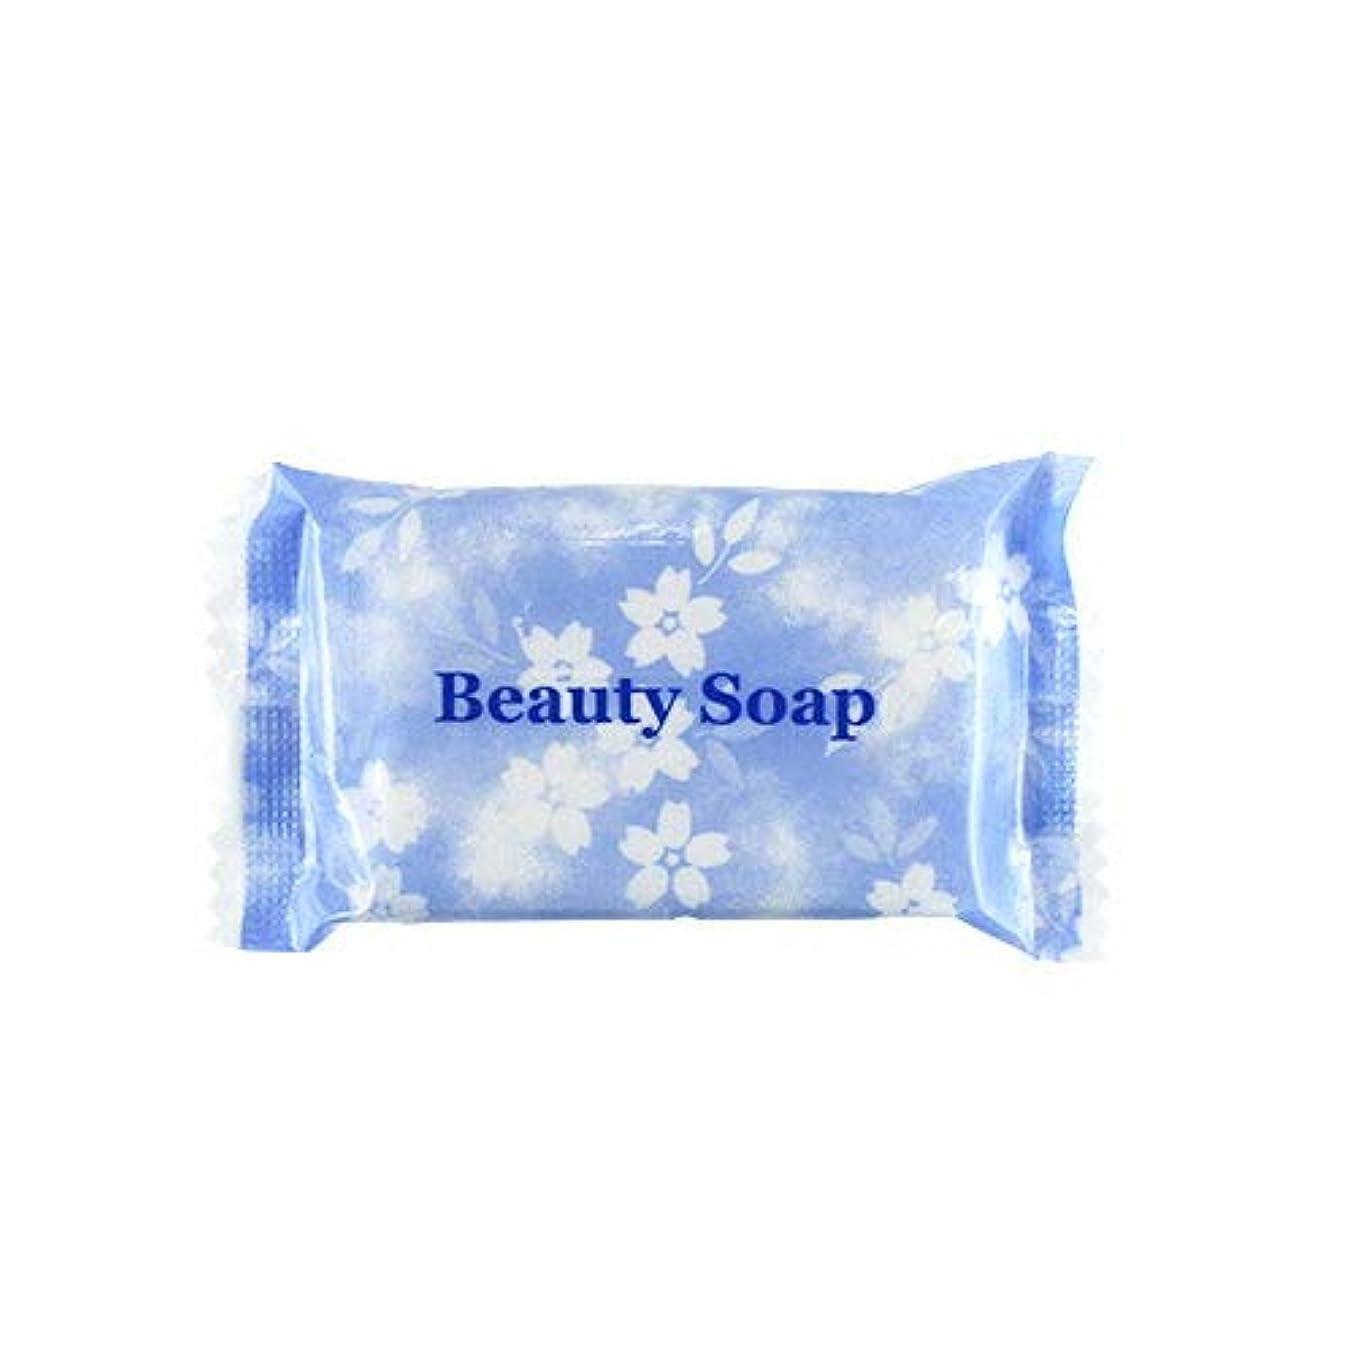 回復静的器具業務用 クロバーコーポレーション ビューティーソープ(Beauty Soap) 15g×20個セット | ホテルアメニティ 個包装